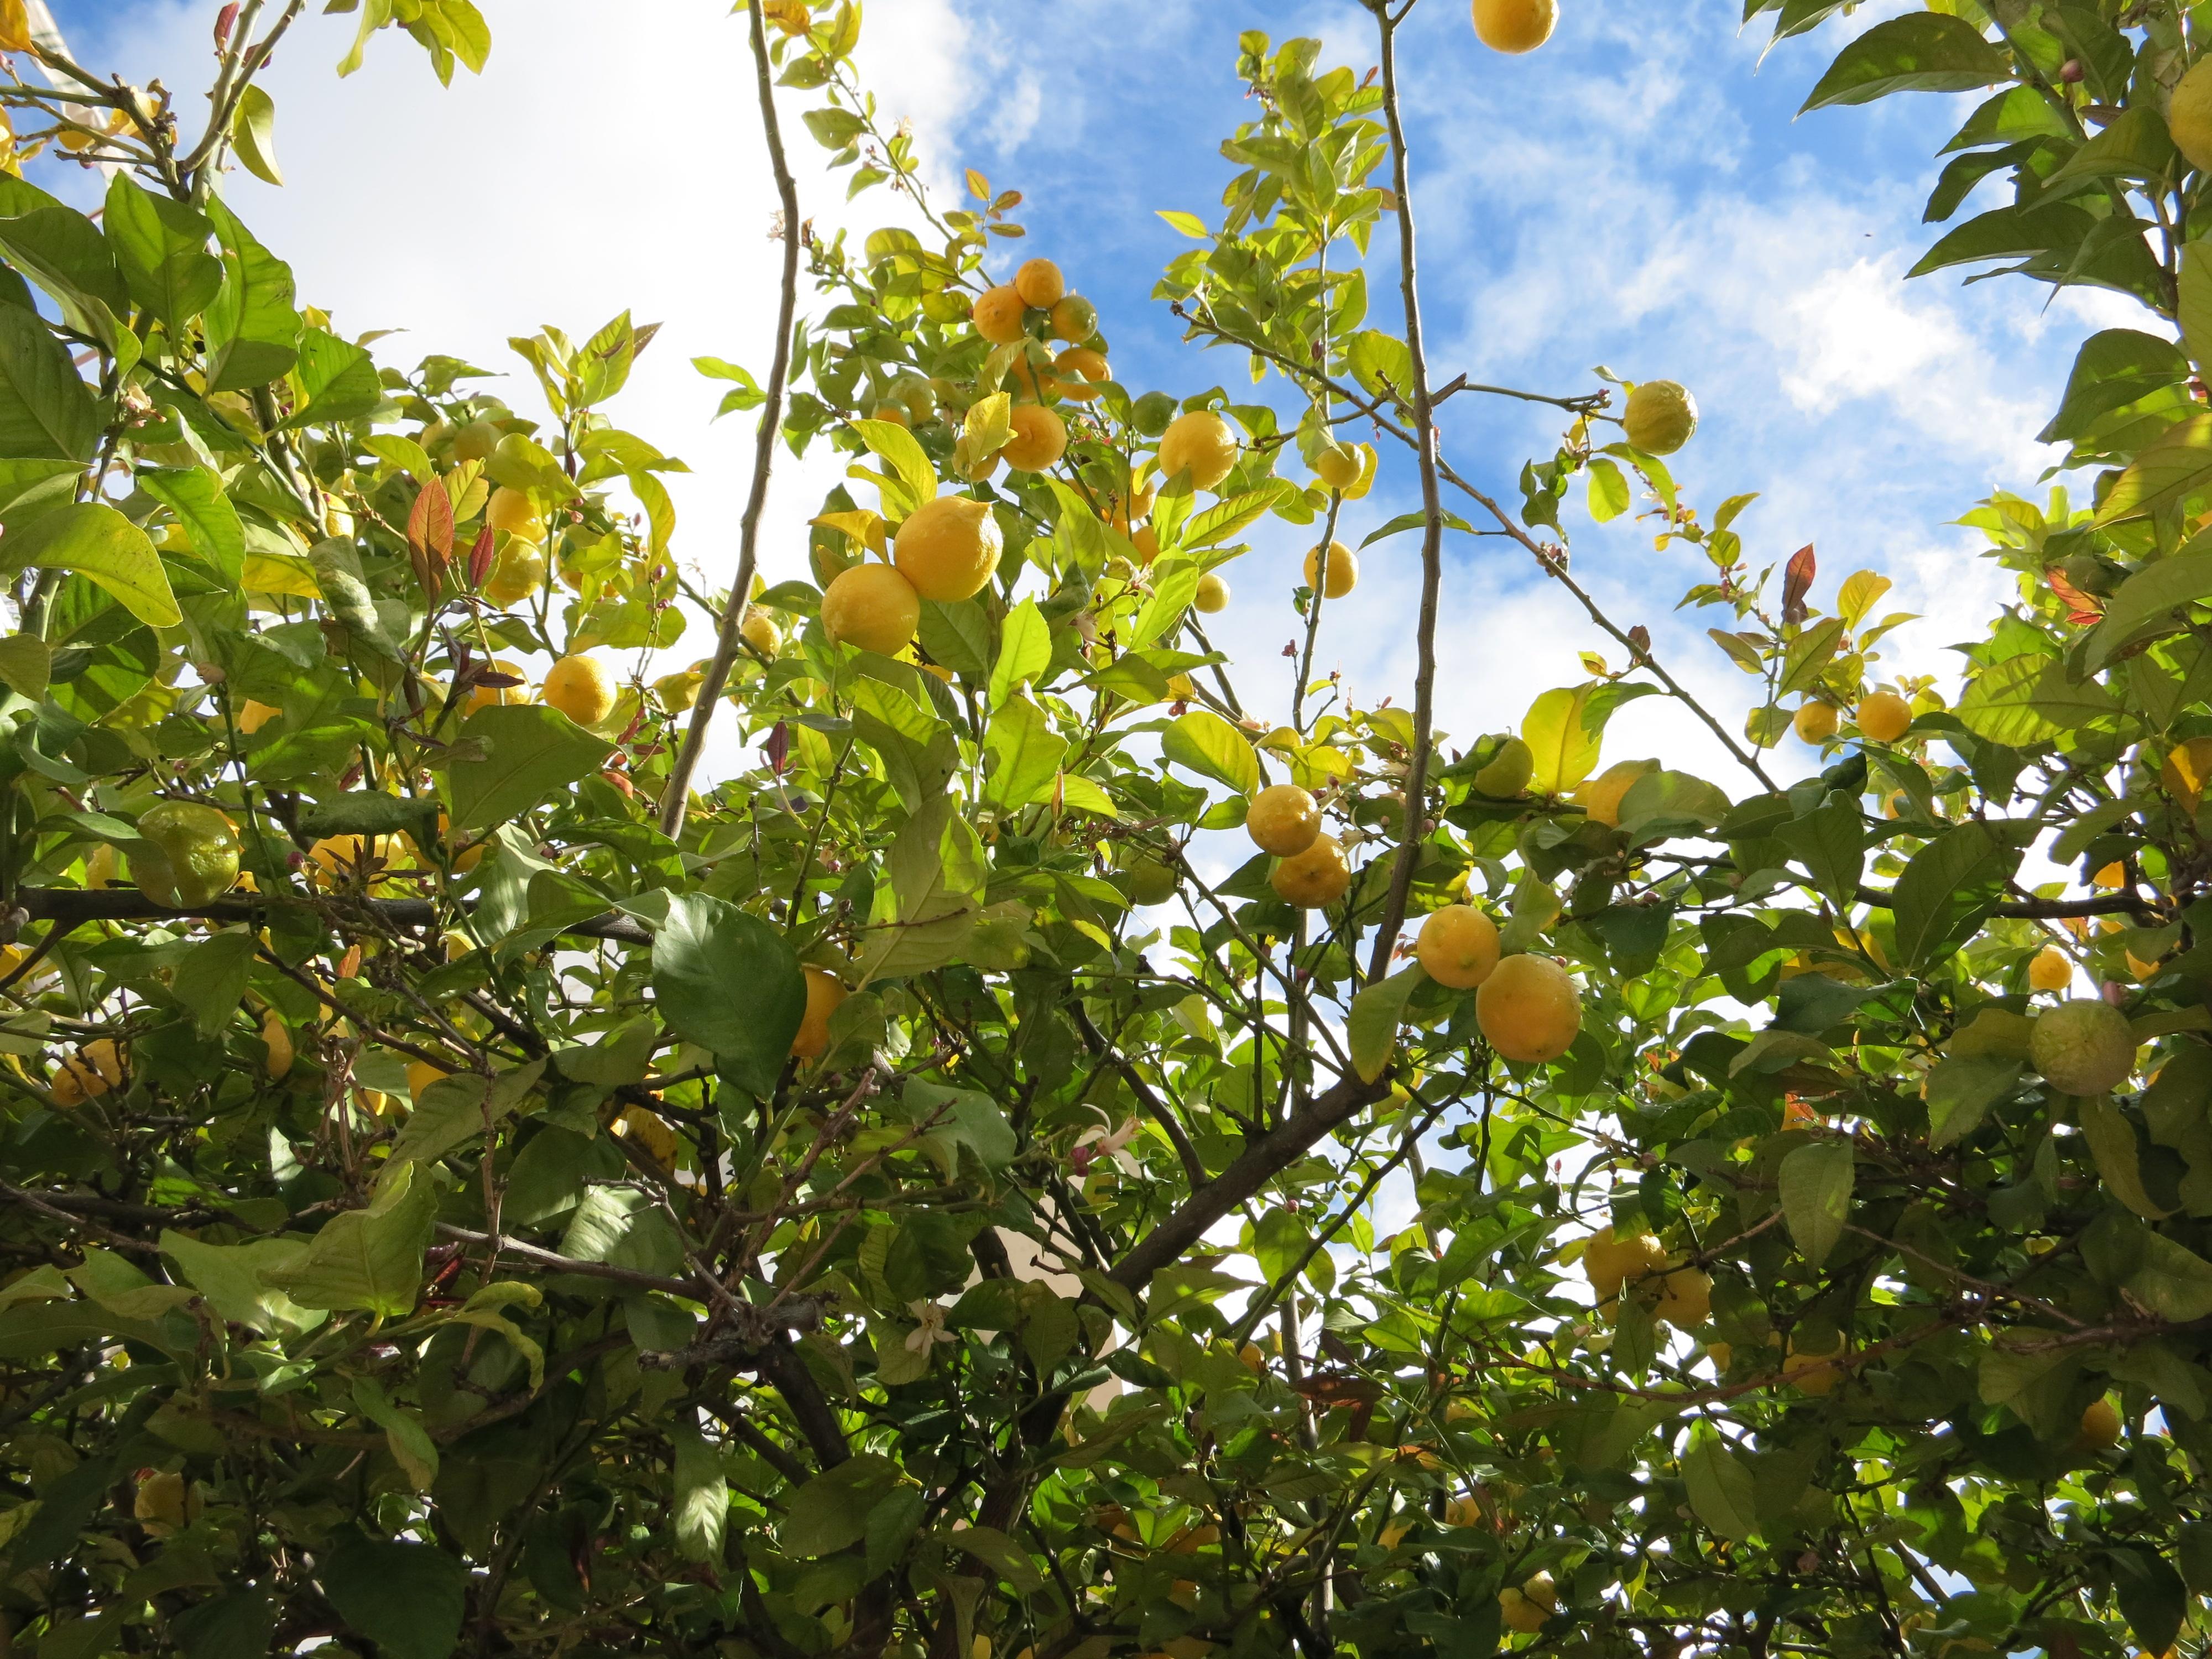 IMG_4794_レモンと枝葉の間からのぞく青空が爽やか♪ースペイン アンダルシアの白い村:フリヒリアナよりー